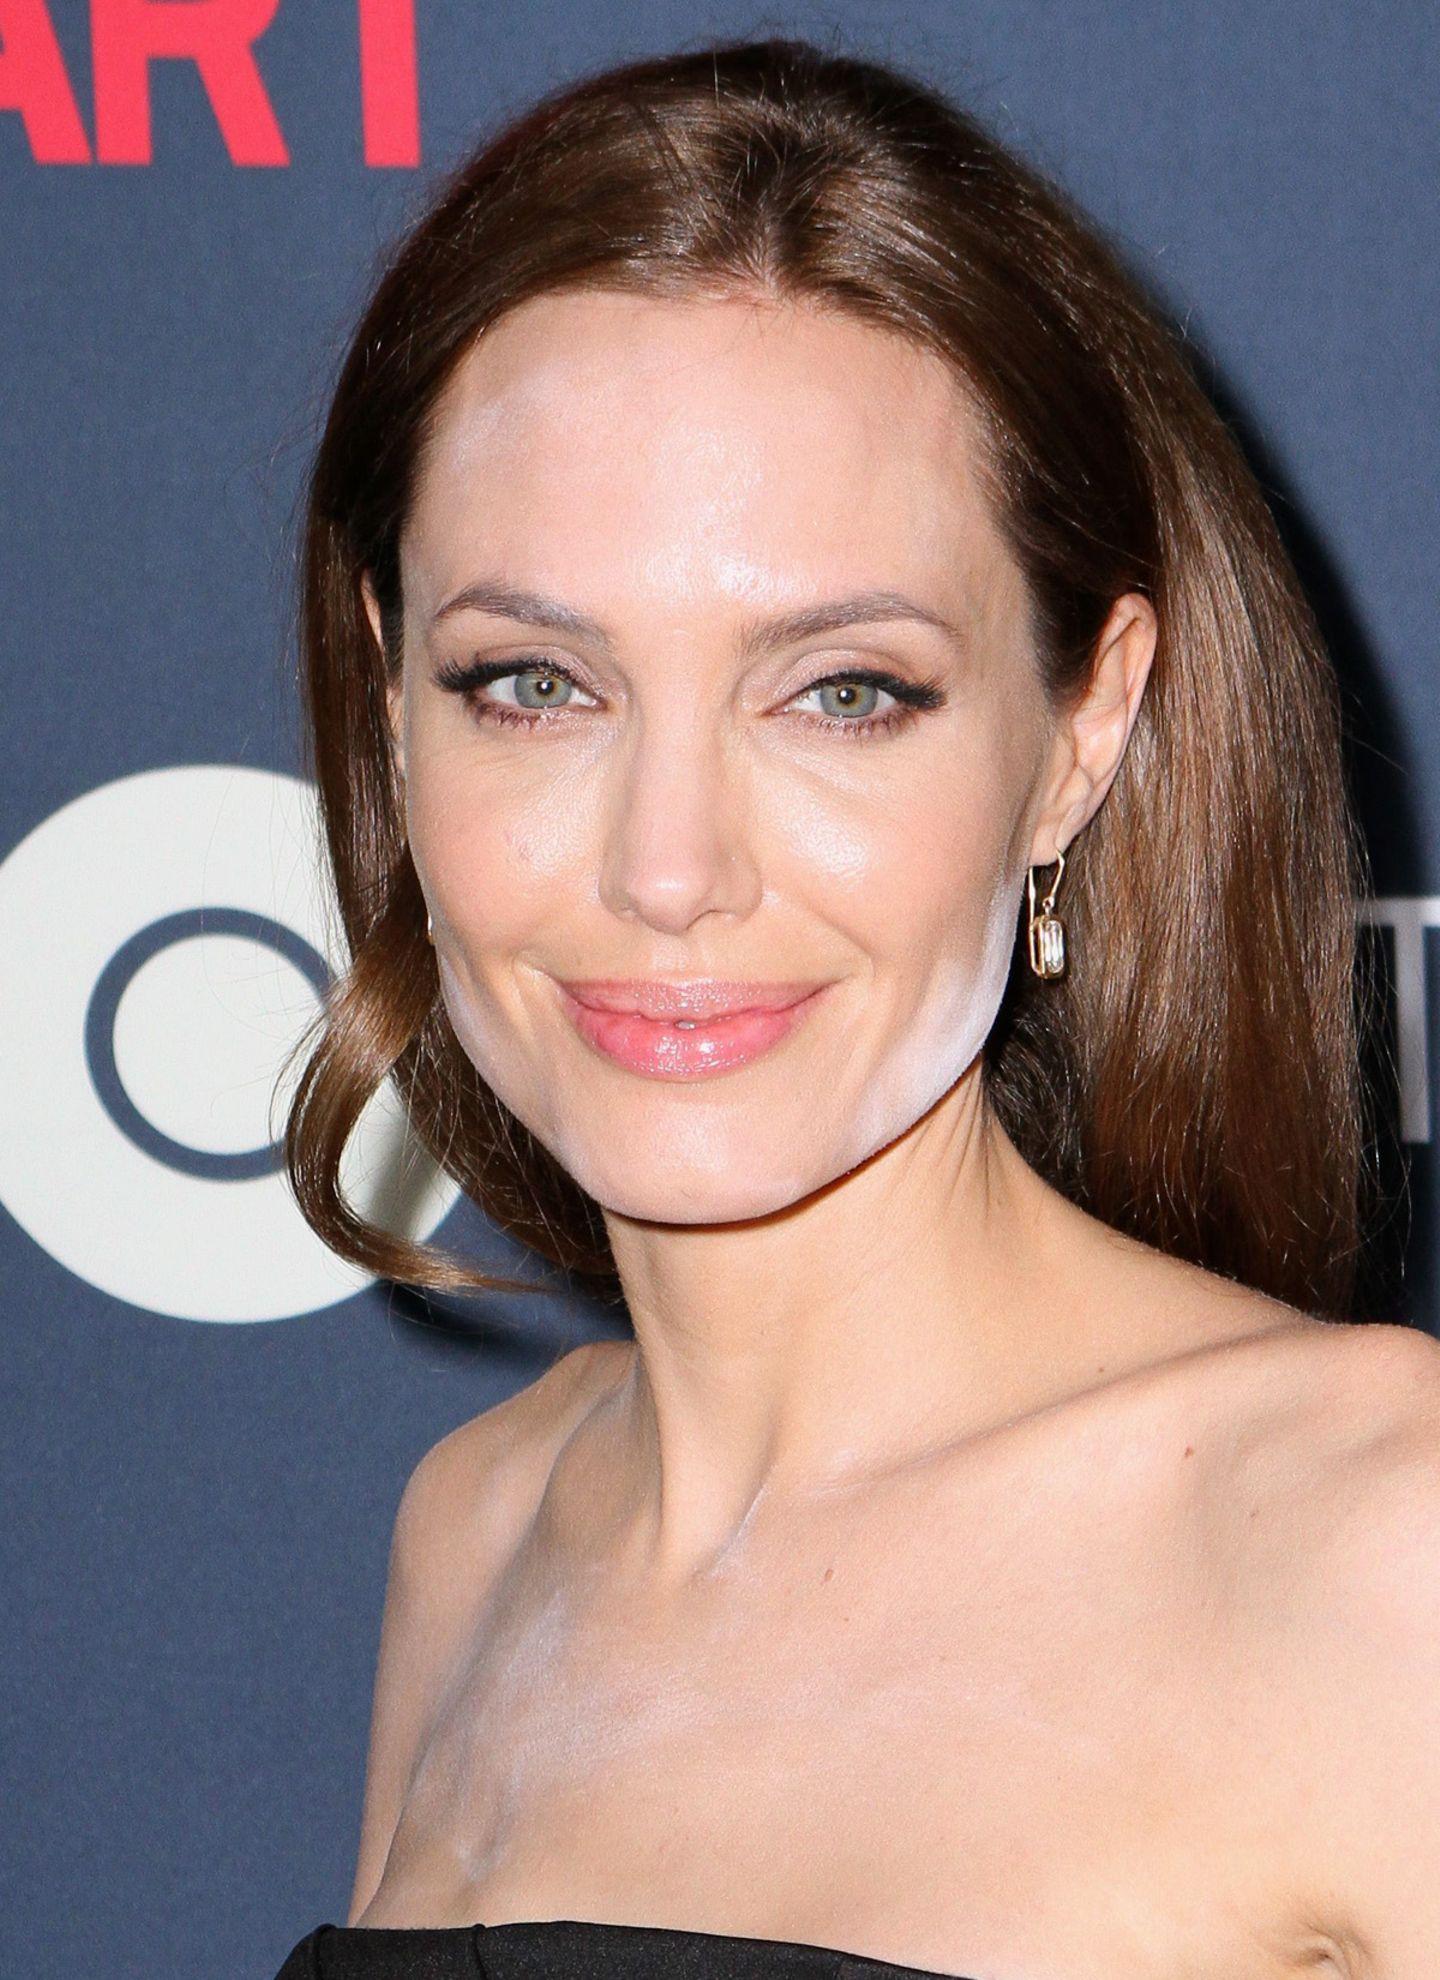 Angelina Jolie zeigt eindrucksvoll, dass man das Nachpudern im Gesicht und auf dem Dekolleté vor einem großen Auftritt lieber nicht in einer abgedunkelten Limousine erledigt.